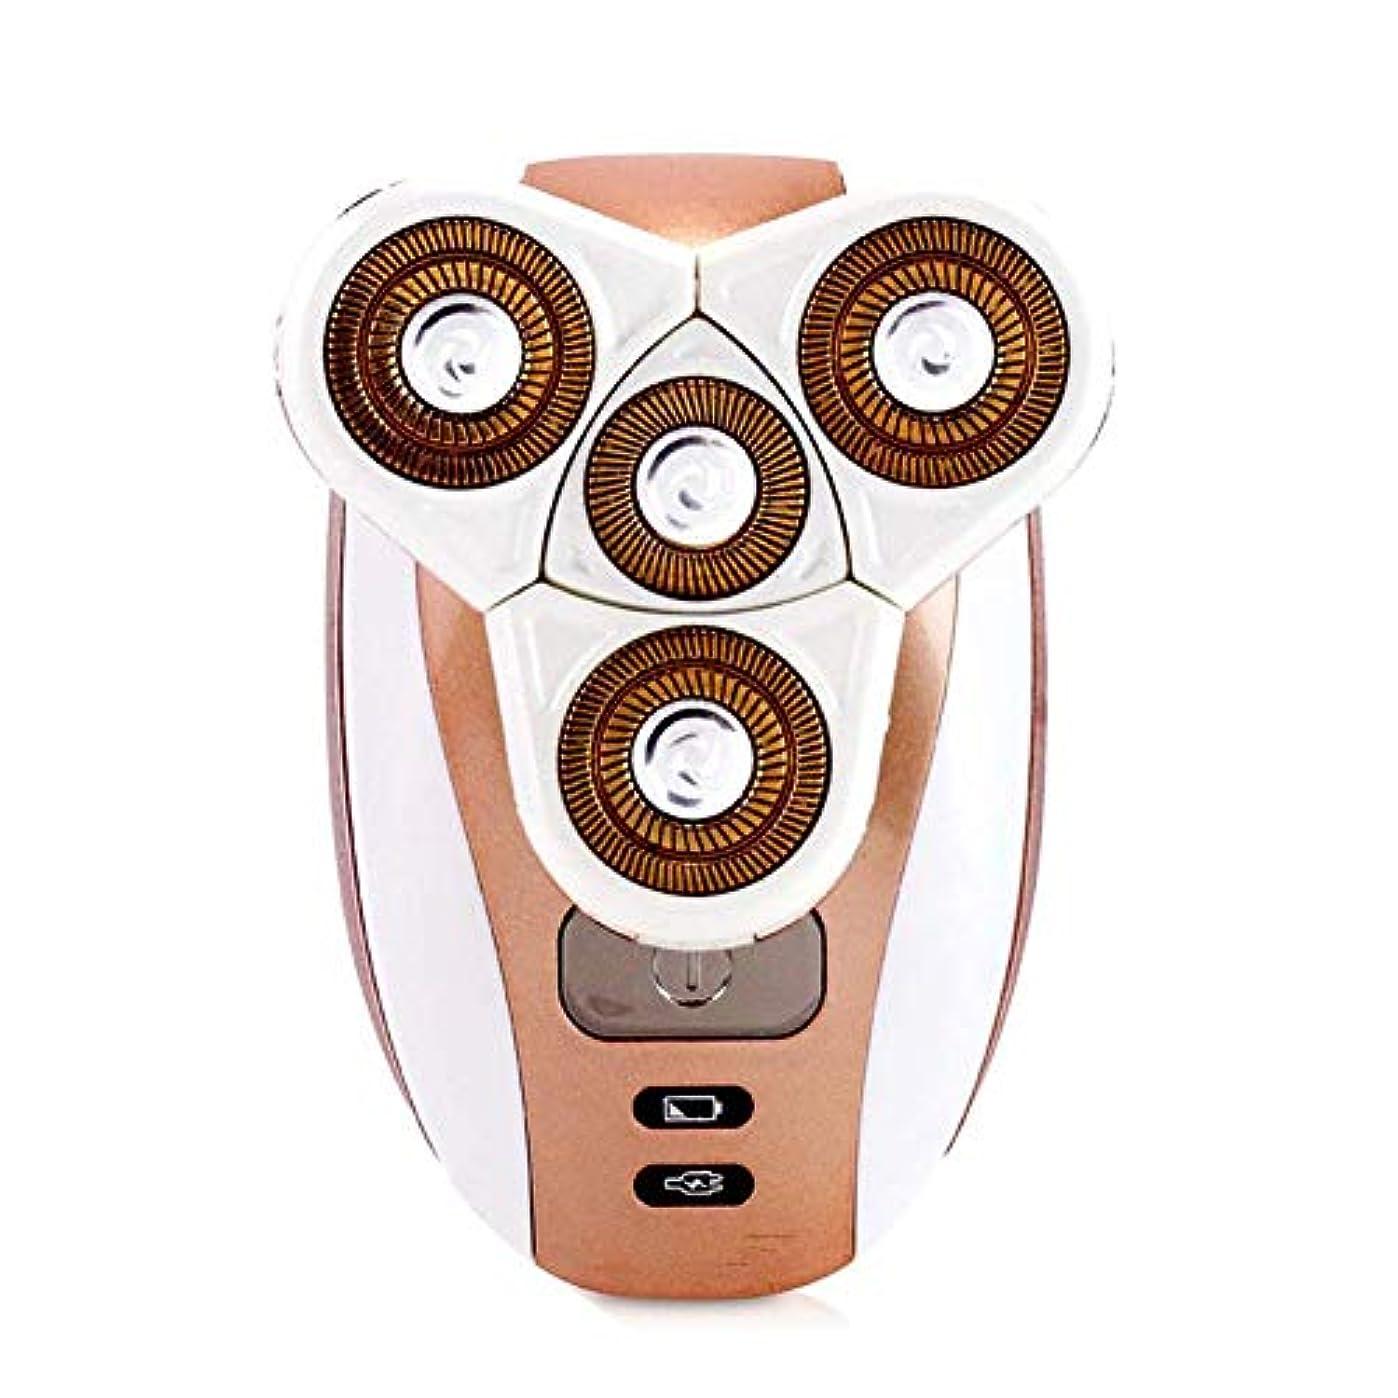 しかし囚人計算可能脱毛器 電気 レディース 110?240V/3W 多機能シェーバー タッチスイッチ 低騒音 全身洗える 手 足 脇の下に適しています